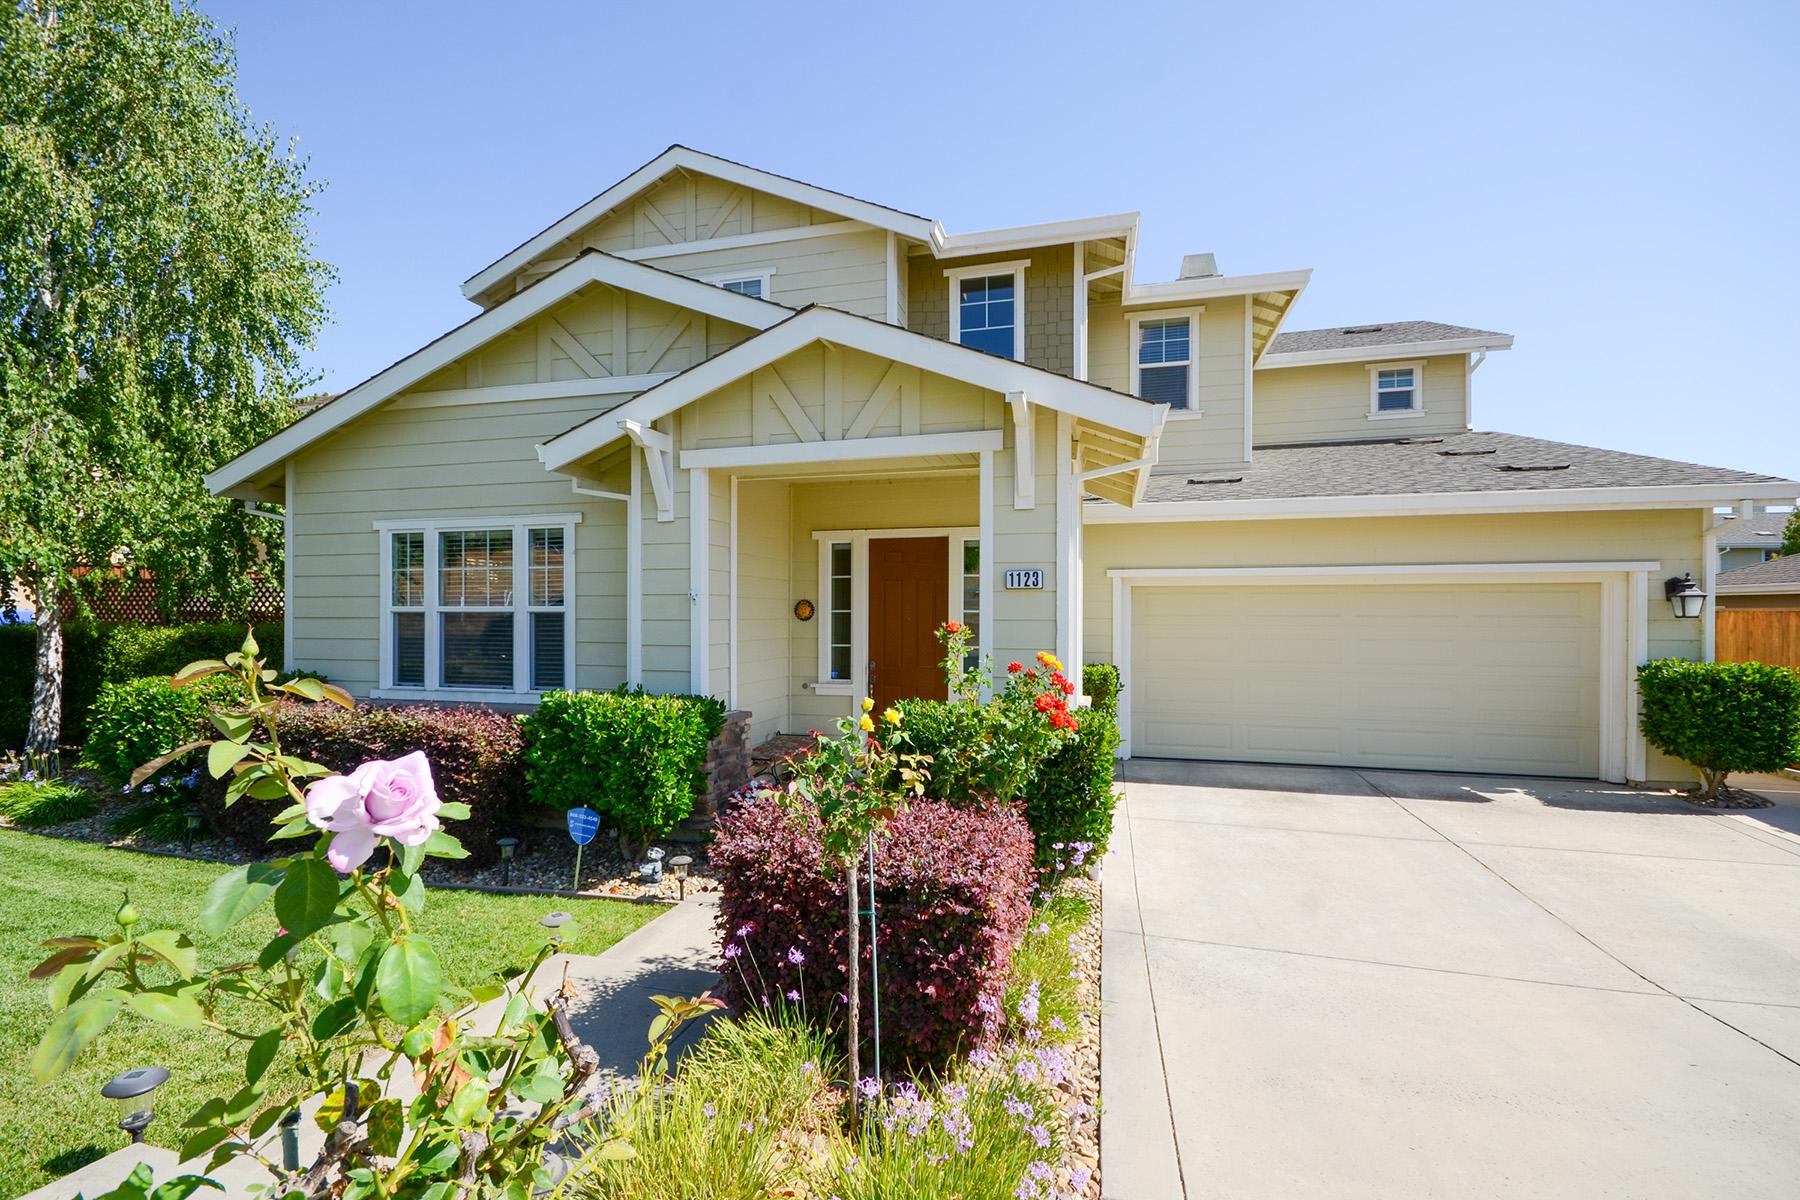 Casa Unifamiliar por un Venta en 1123 Wyatt Ave, Napa, CA 94559 1123 Wyatt Ave Napa, California, 94559 Estados Unidos